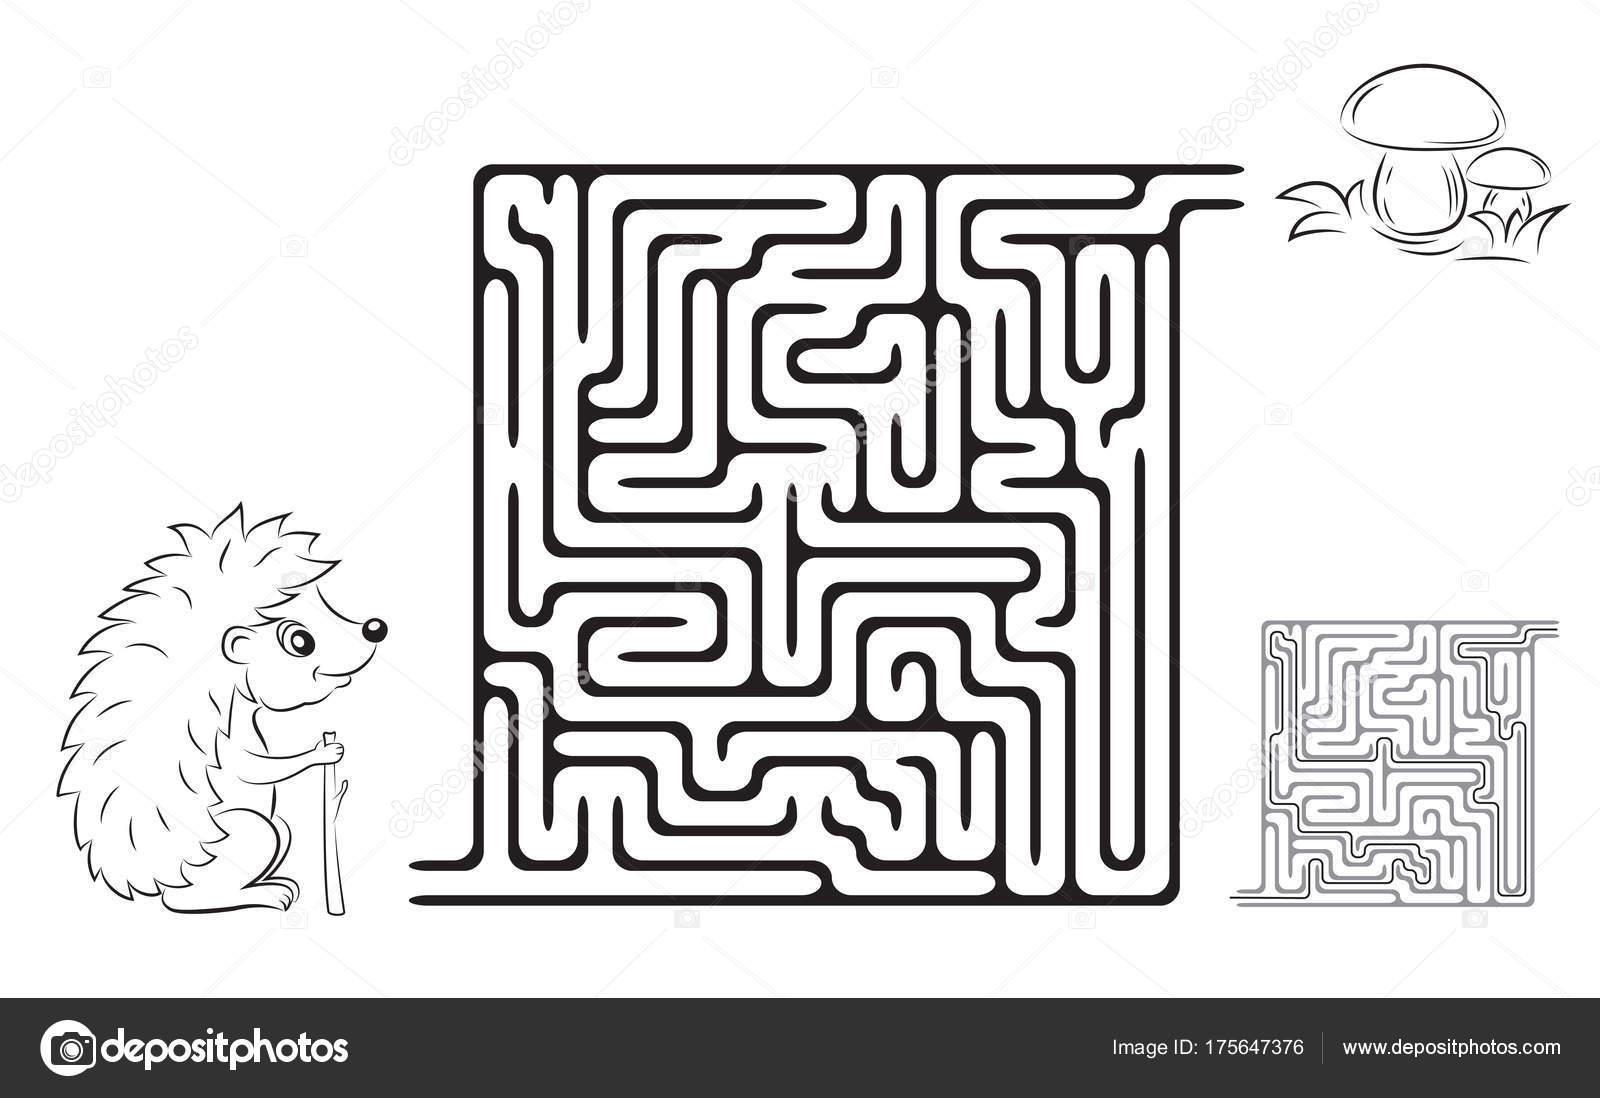 Labyrinth Spiel Malvorlagen Für Kinder Mit Bildern Von Einem Igel ...